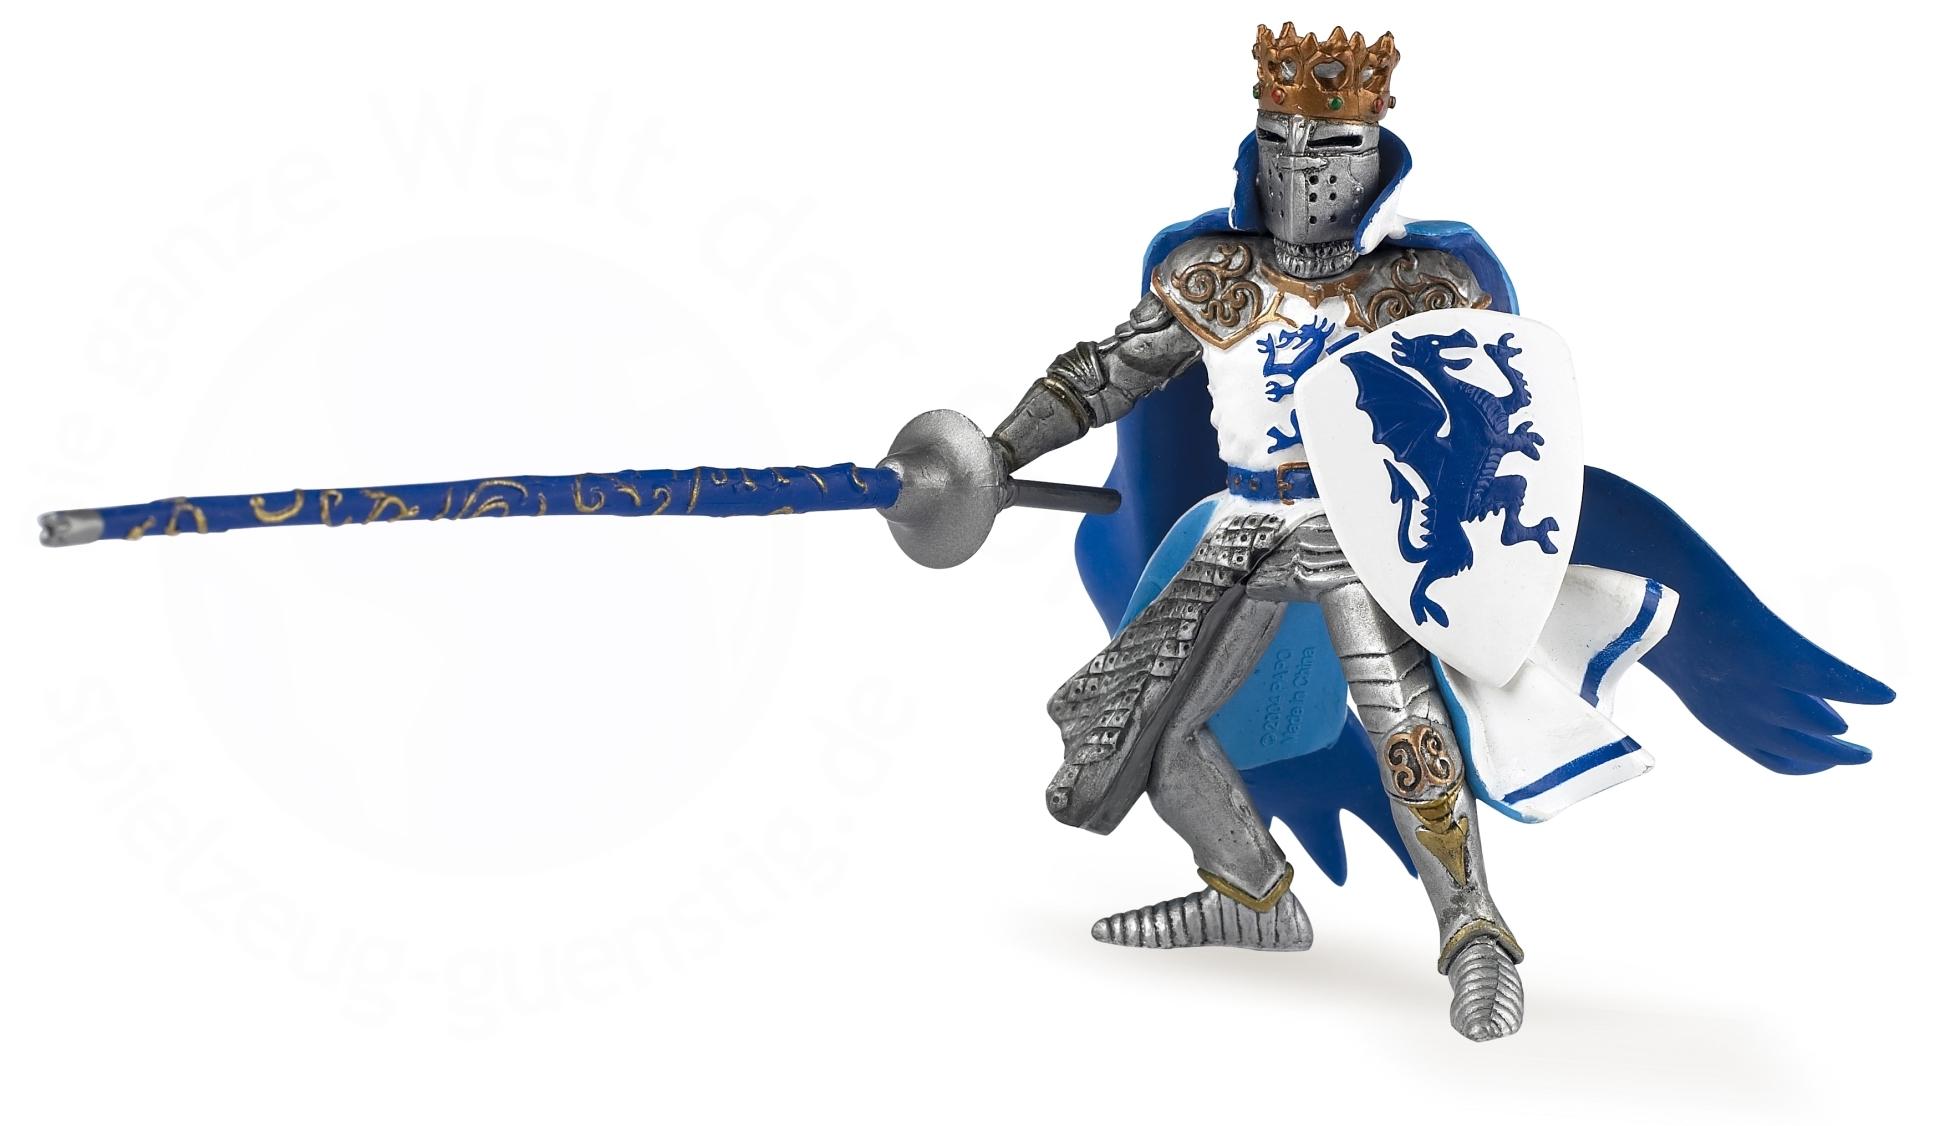 Фигурка Король драконов в синемФигурки Papo<br>Фигурка Король драконов в синем<br>